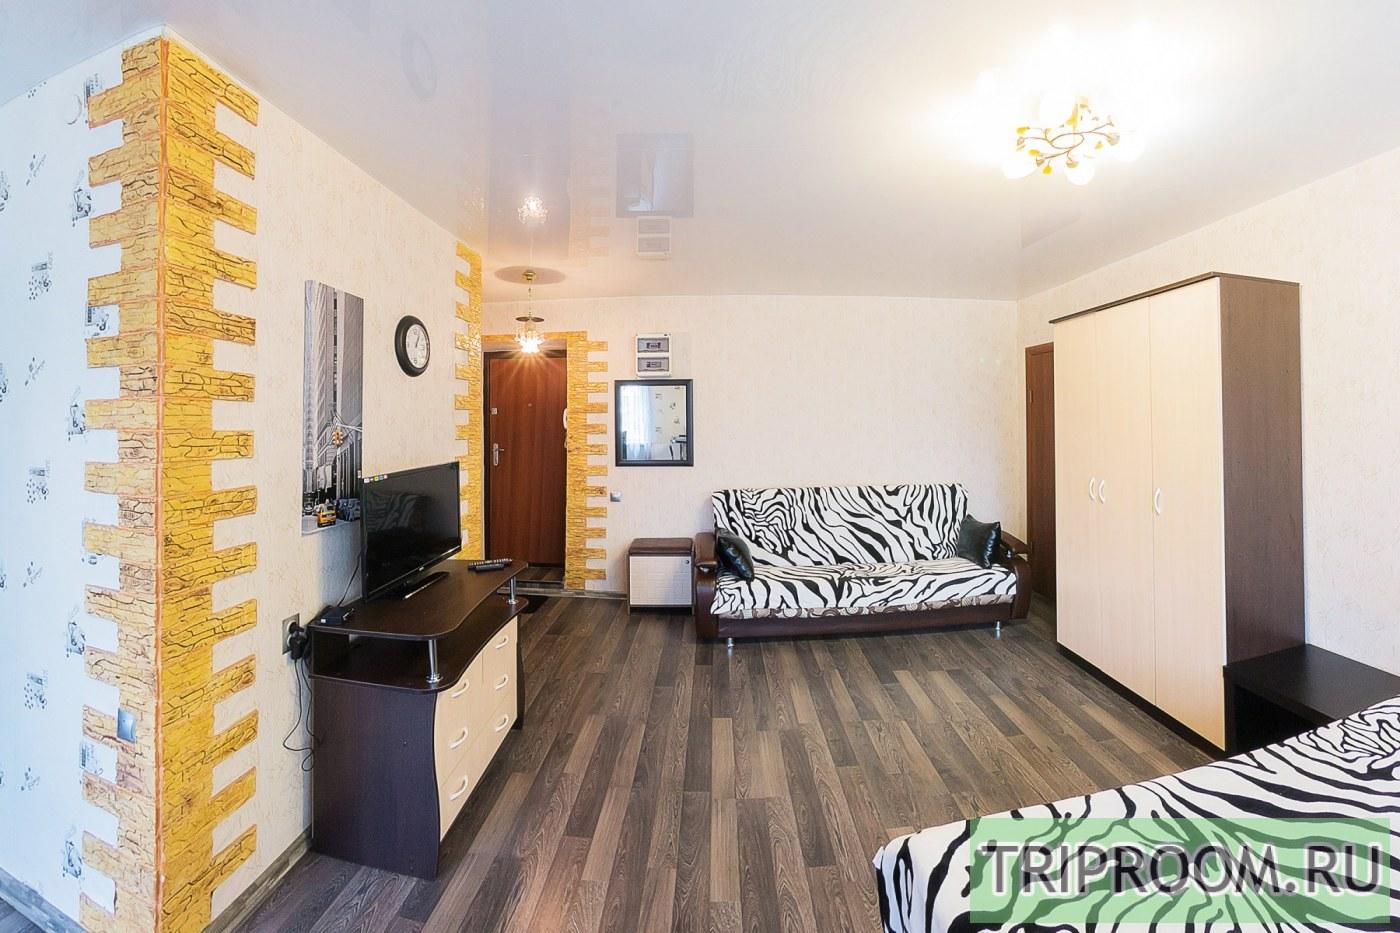 1-комнатная квартира посуточно (вариант № 39190), ул. Ватутина улица, фото № 3